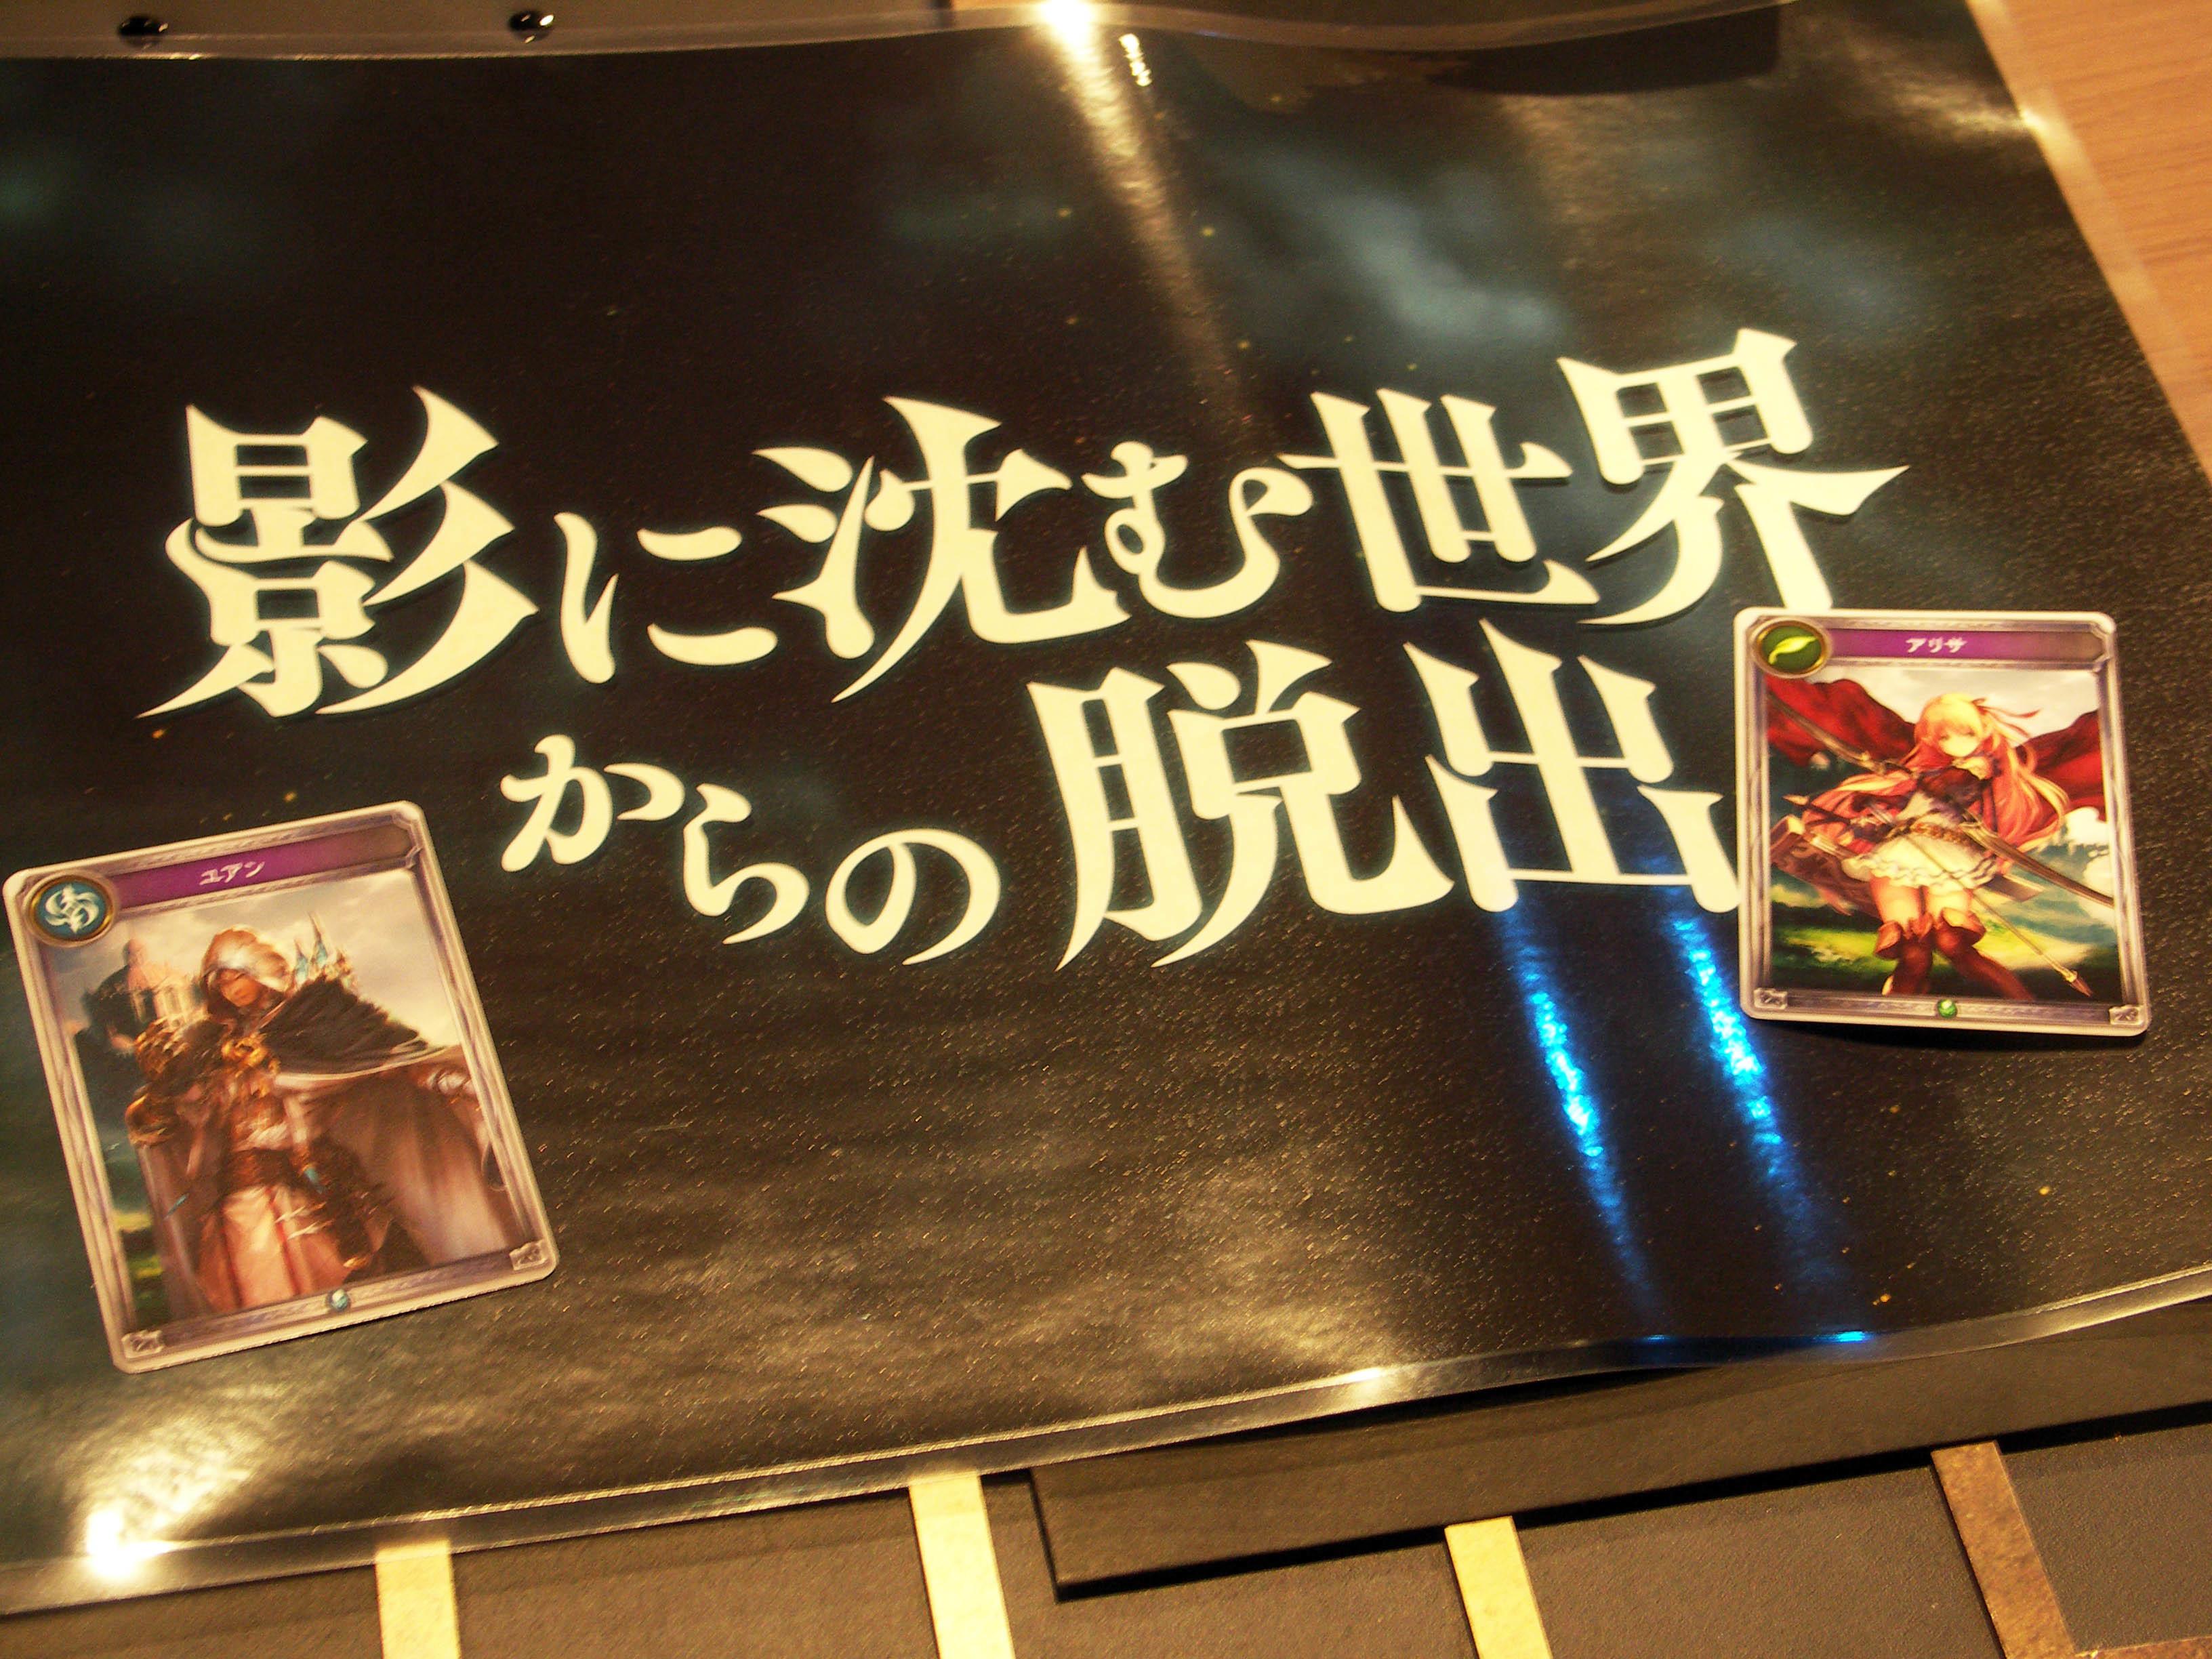 ゲームを共に導く、ユアンとアリサのカード